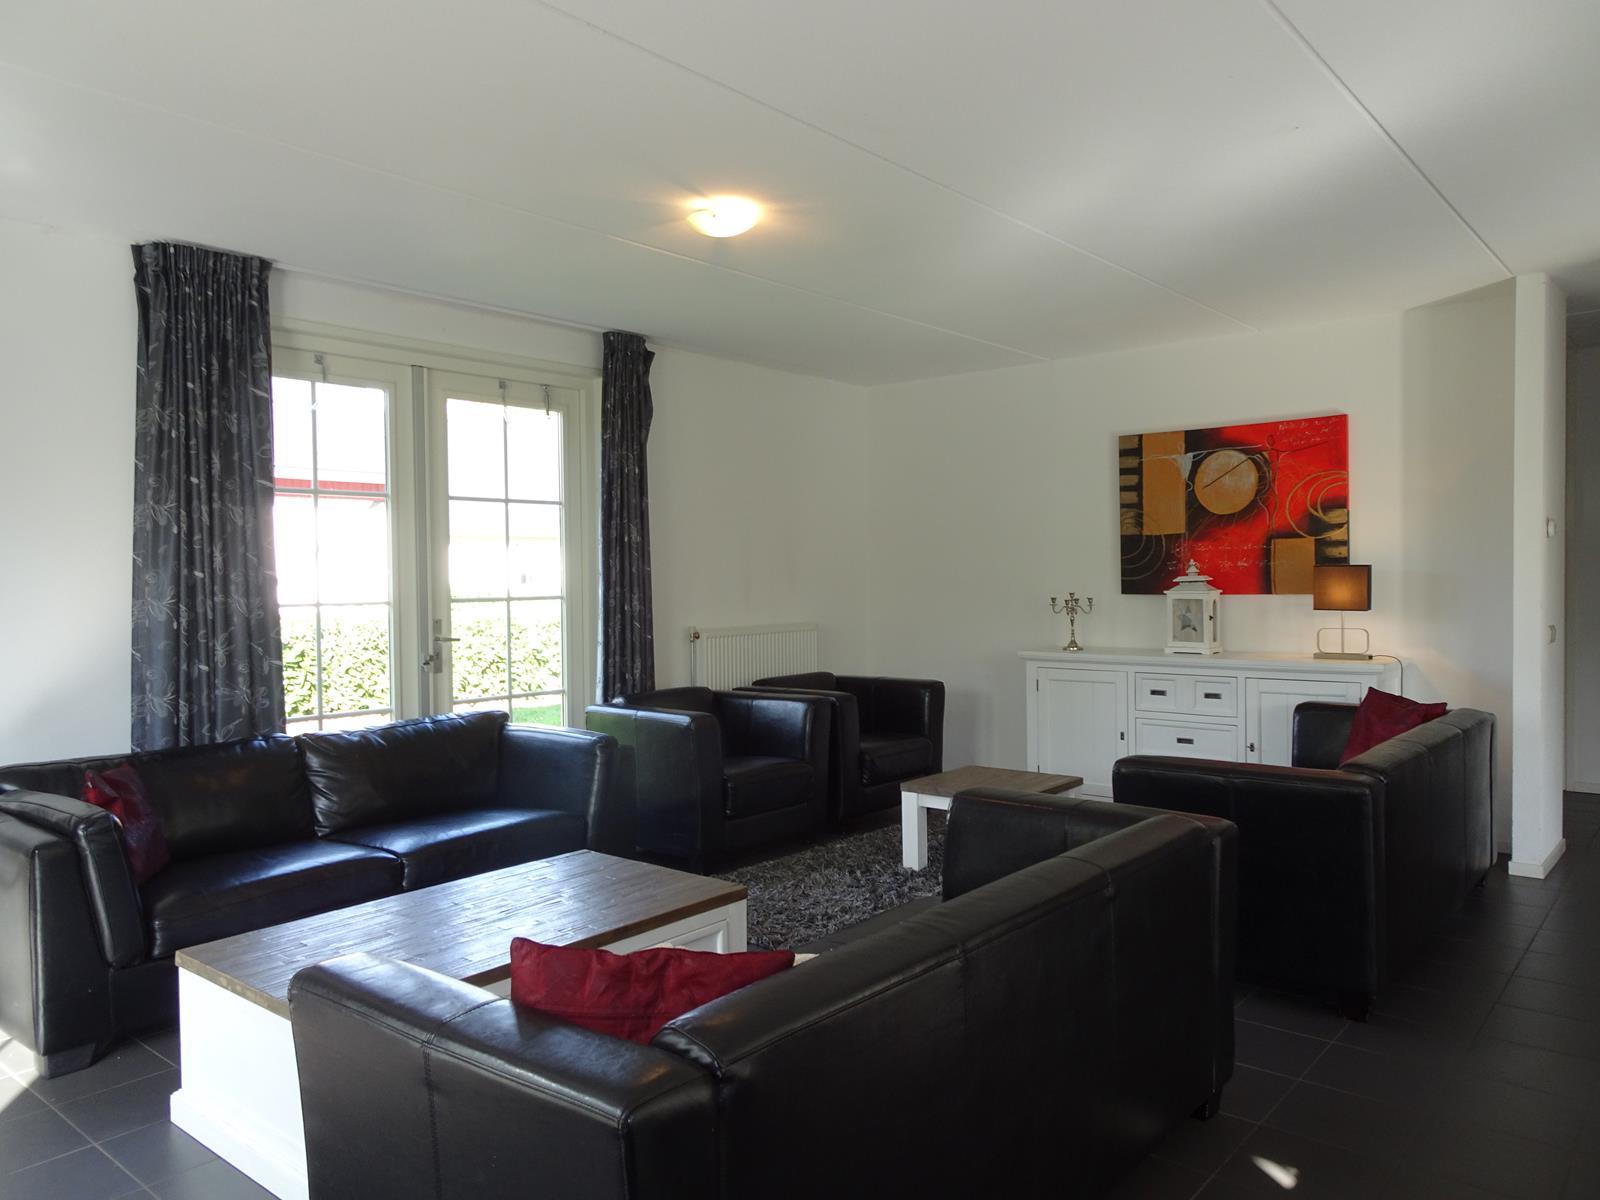 Vakantiehuis te koop Susteren Limburg 808 009.jpg